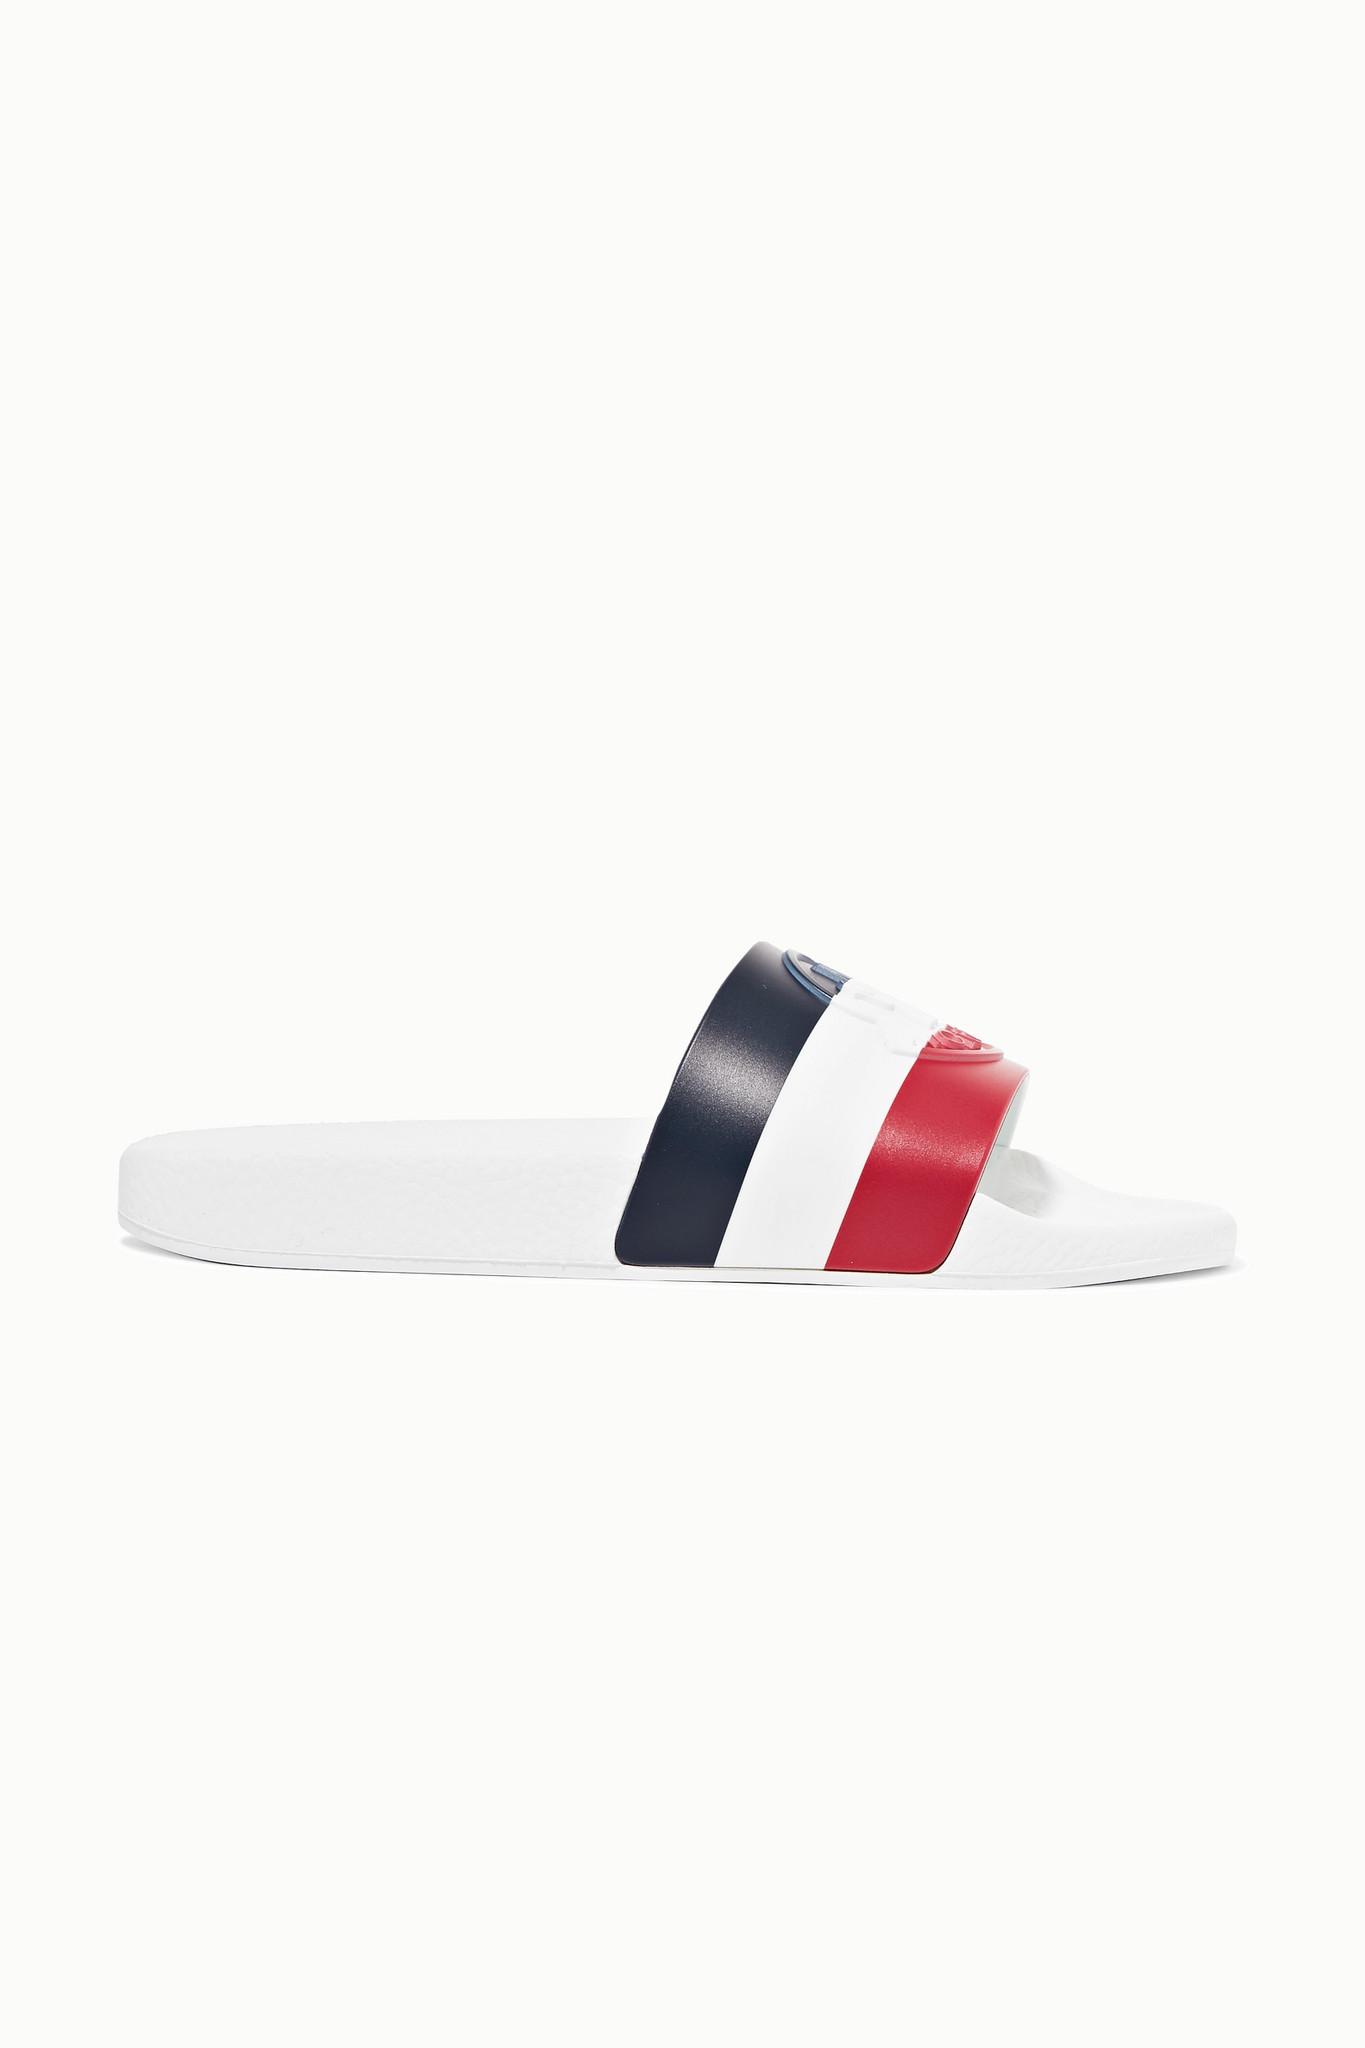 MONCLER - 条纹橡胶拖鞋 - 白色 - IT38